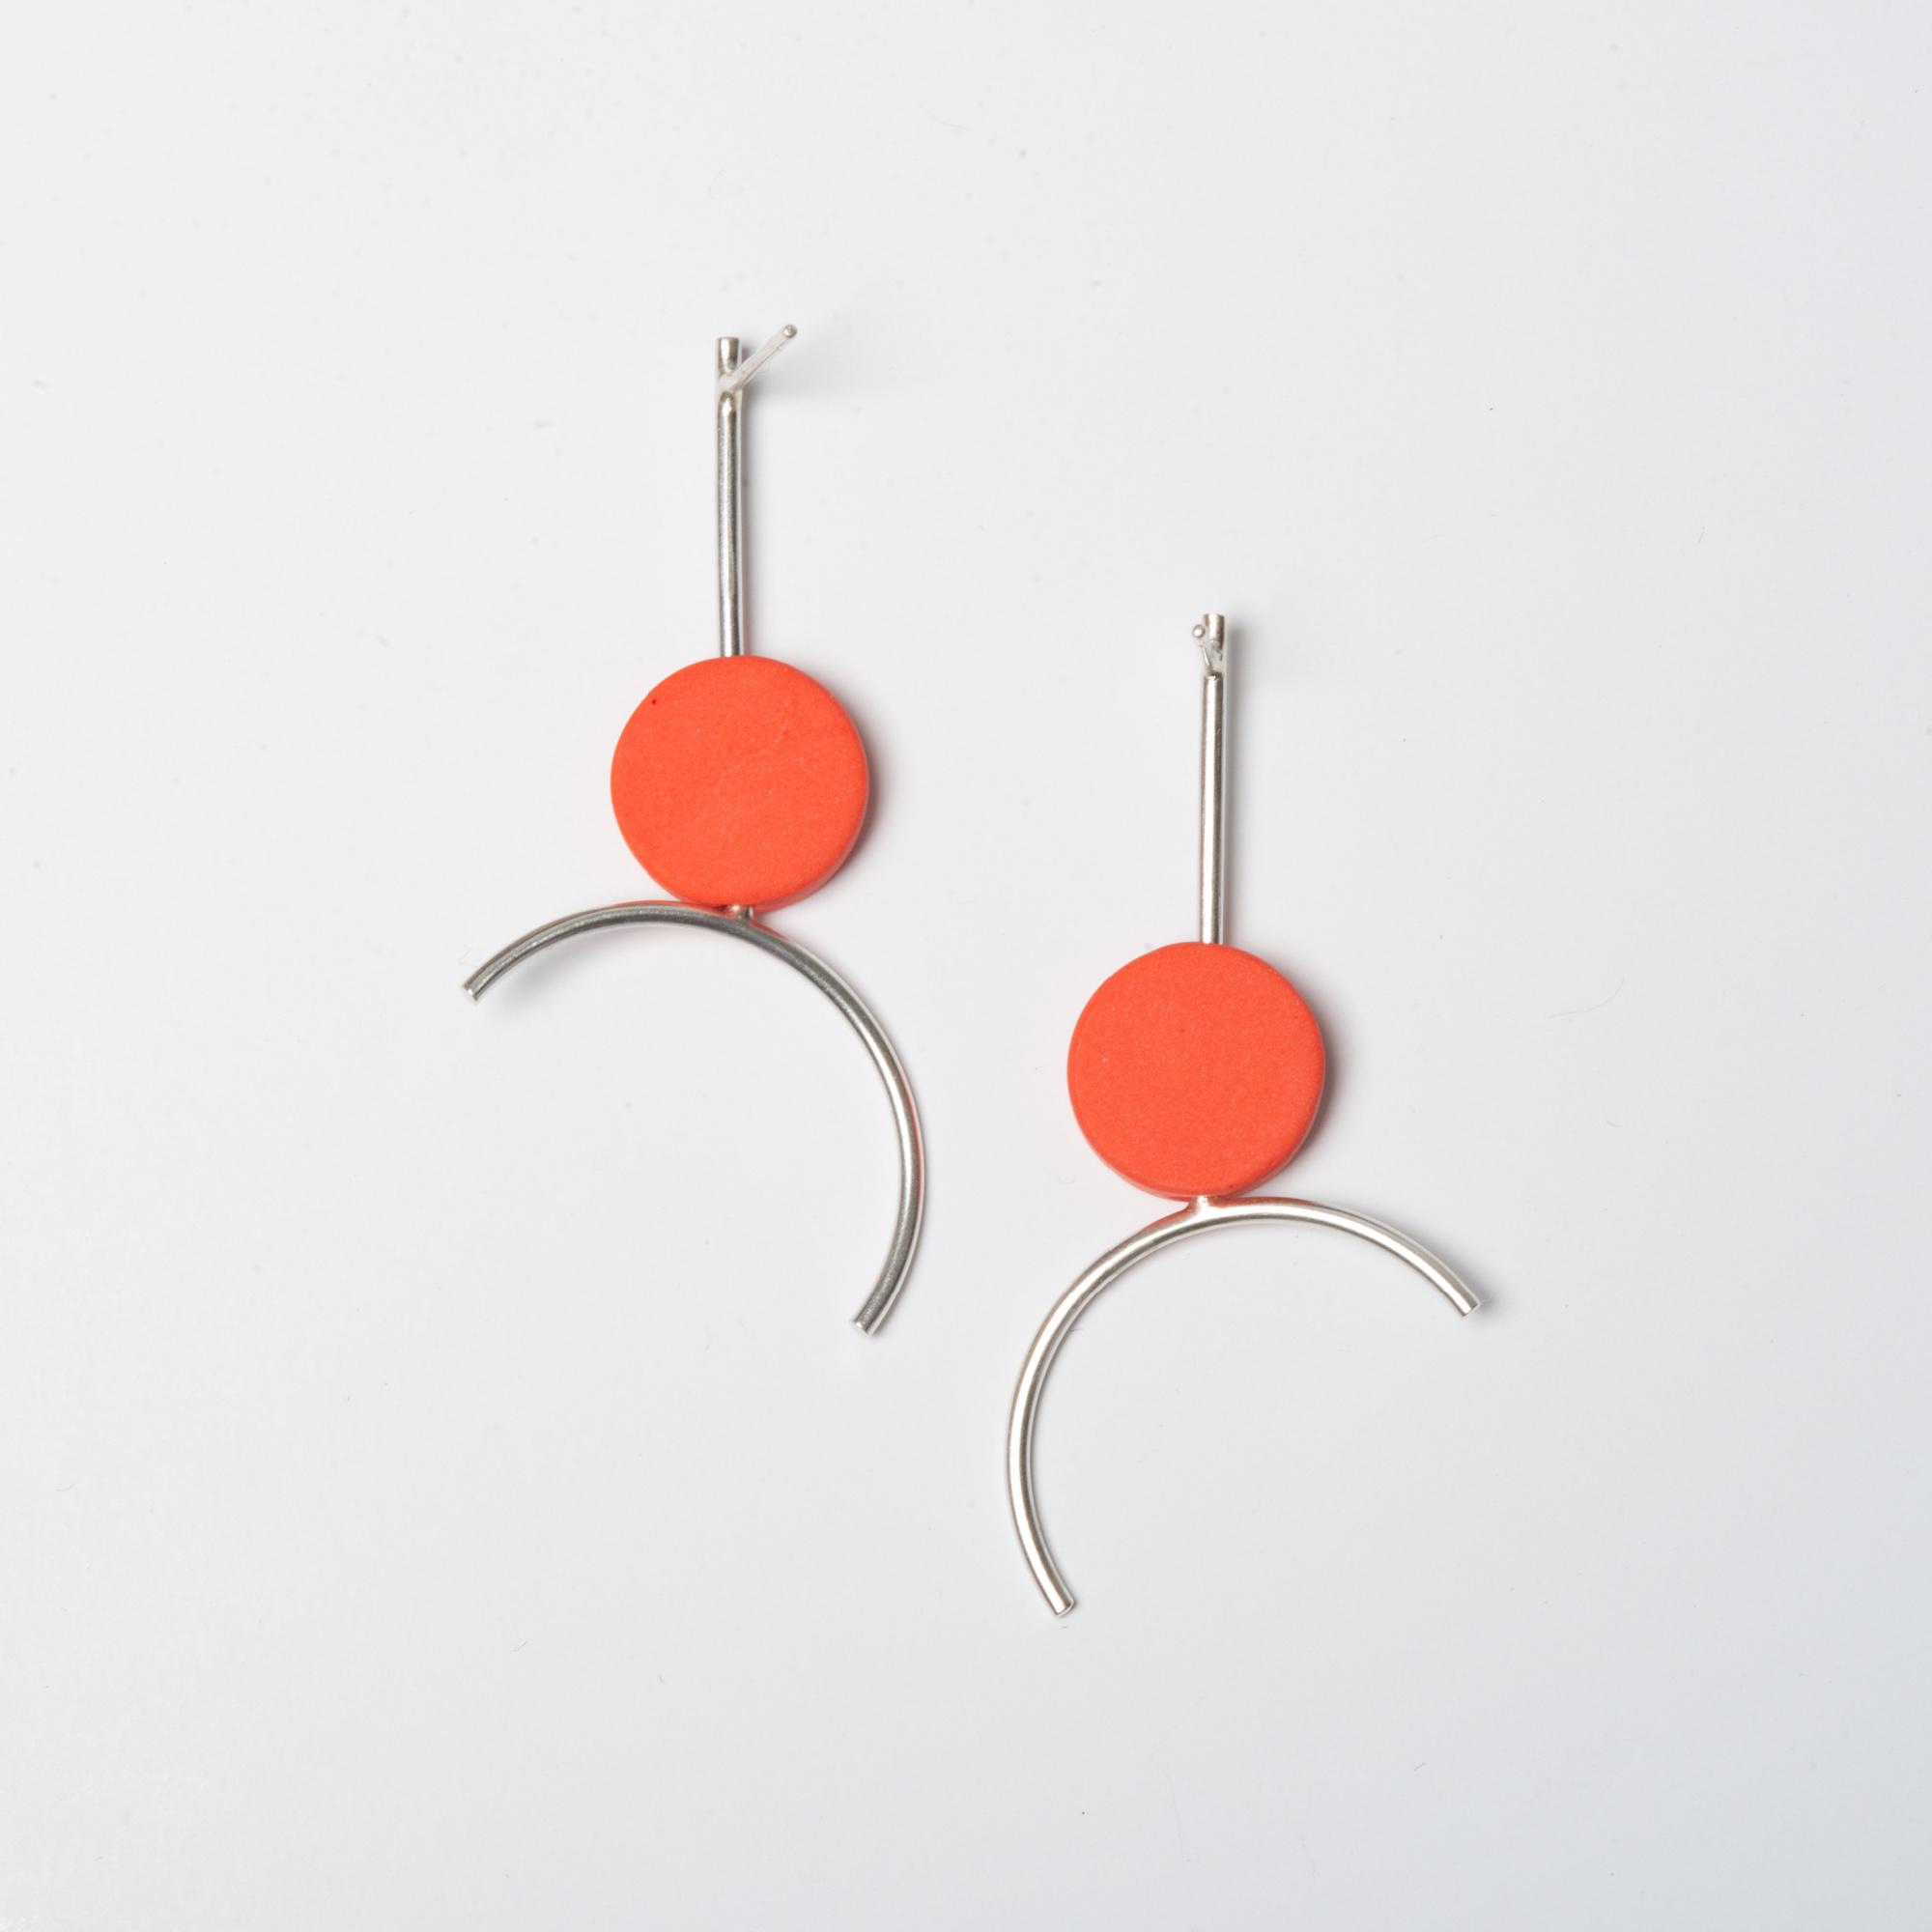 Orbit Earring by Beth Lamont